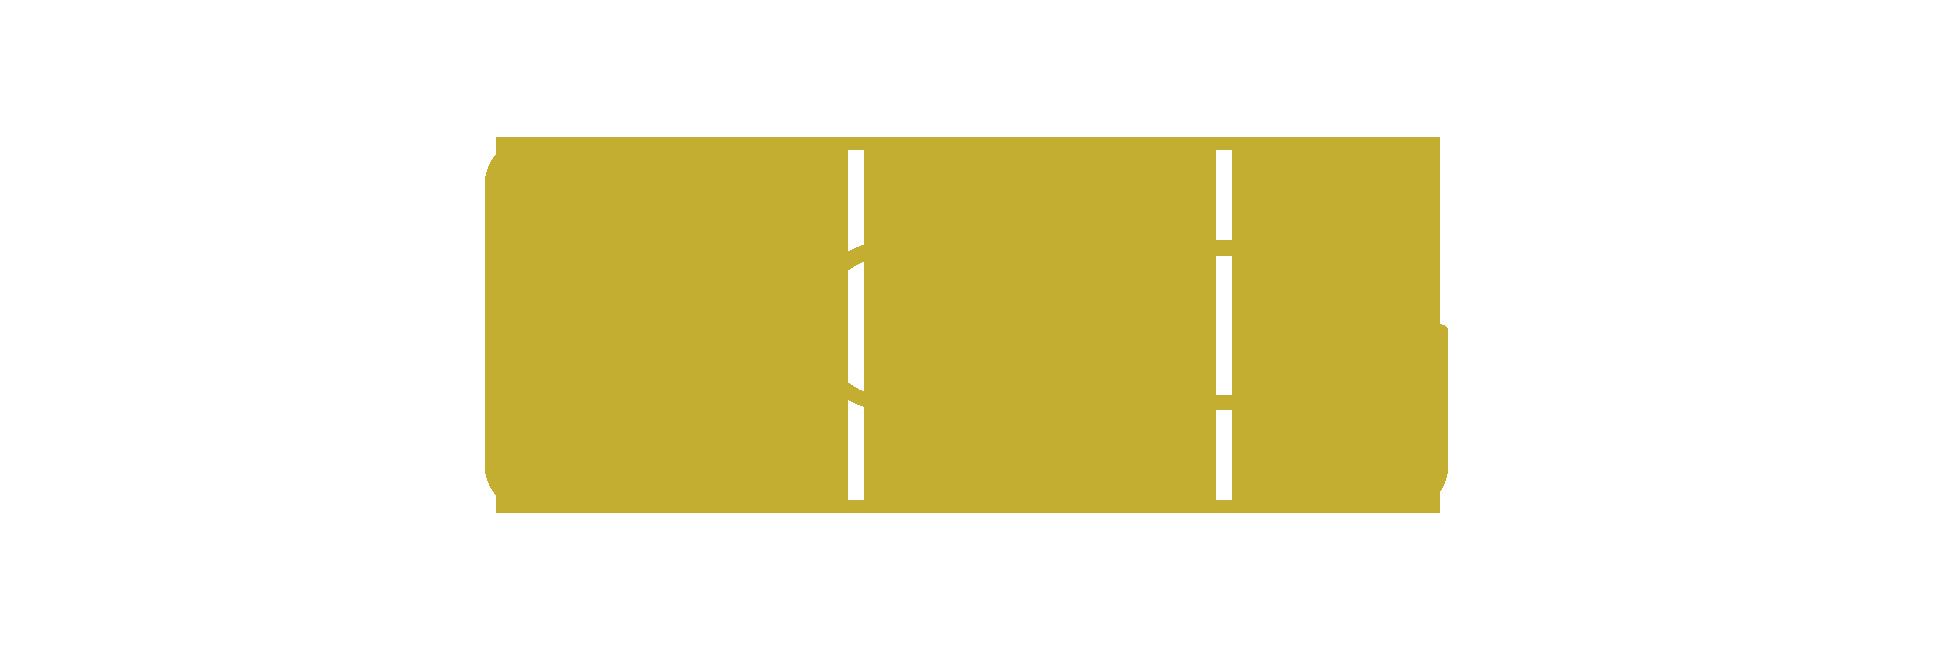 gold-light-66fd0c21d93764d324c2b13843b0ec8d.png